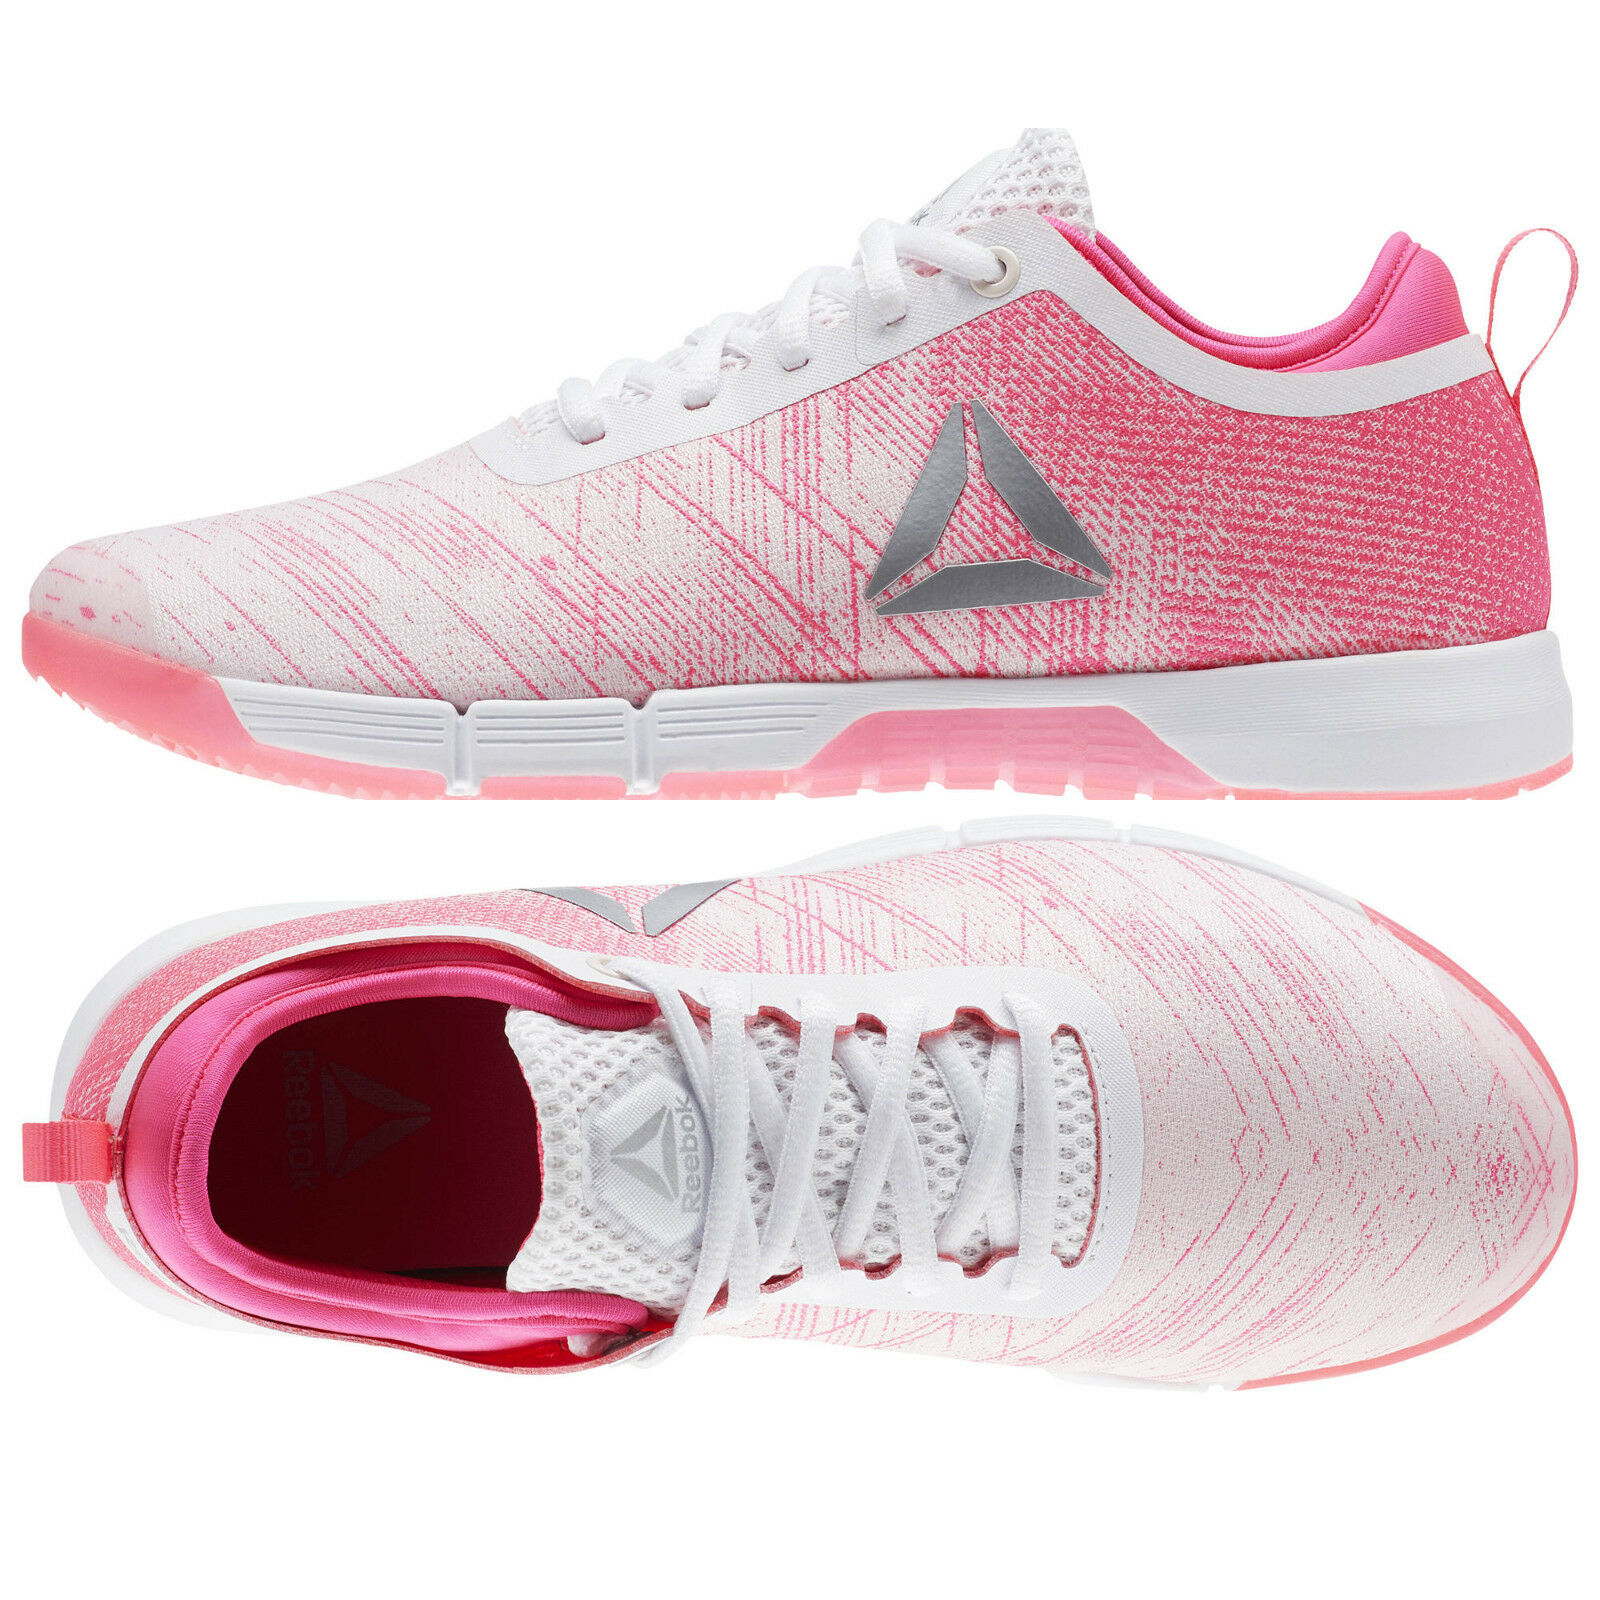 Damenschuhe Reebok Schuhes Weiß SPEED HER TRAINING Schuhe CN2246 Pink Weiß Schuhes Sneakers NEW e8b8e8